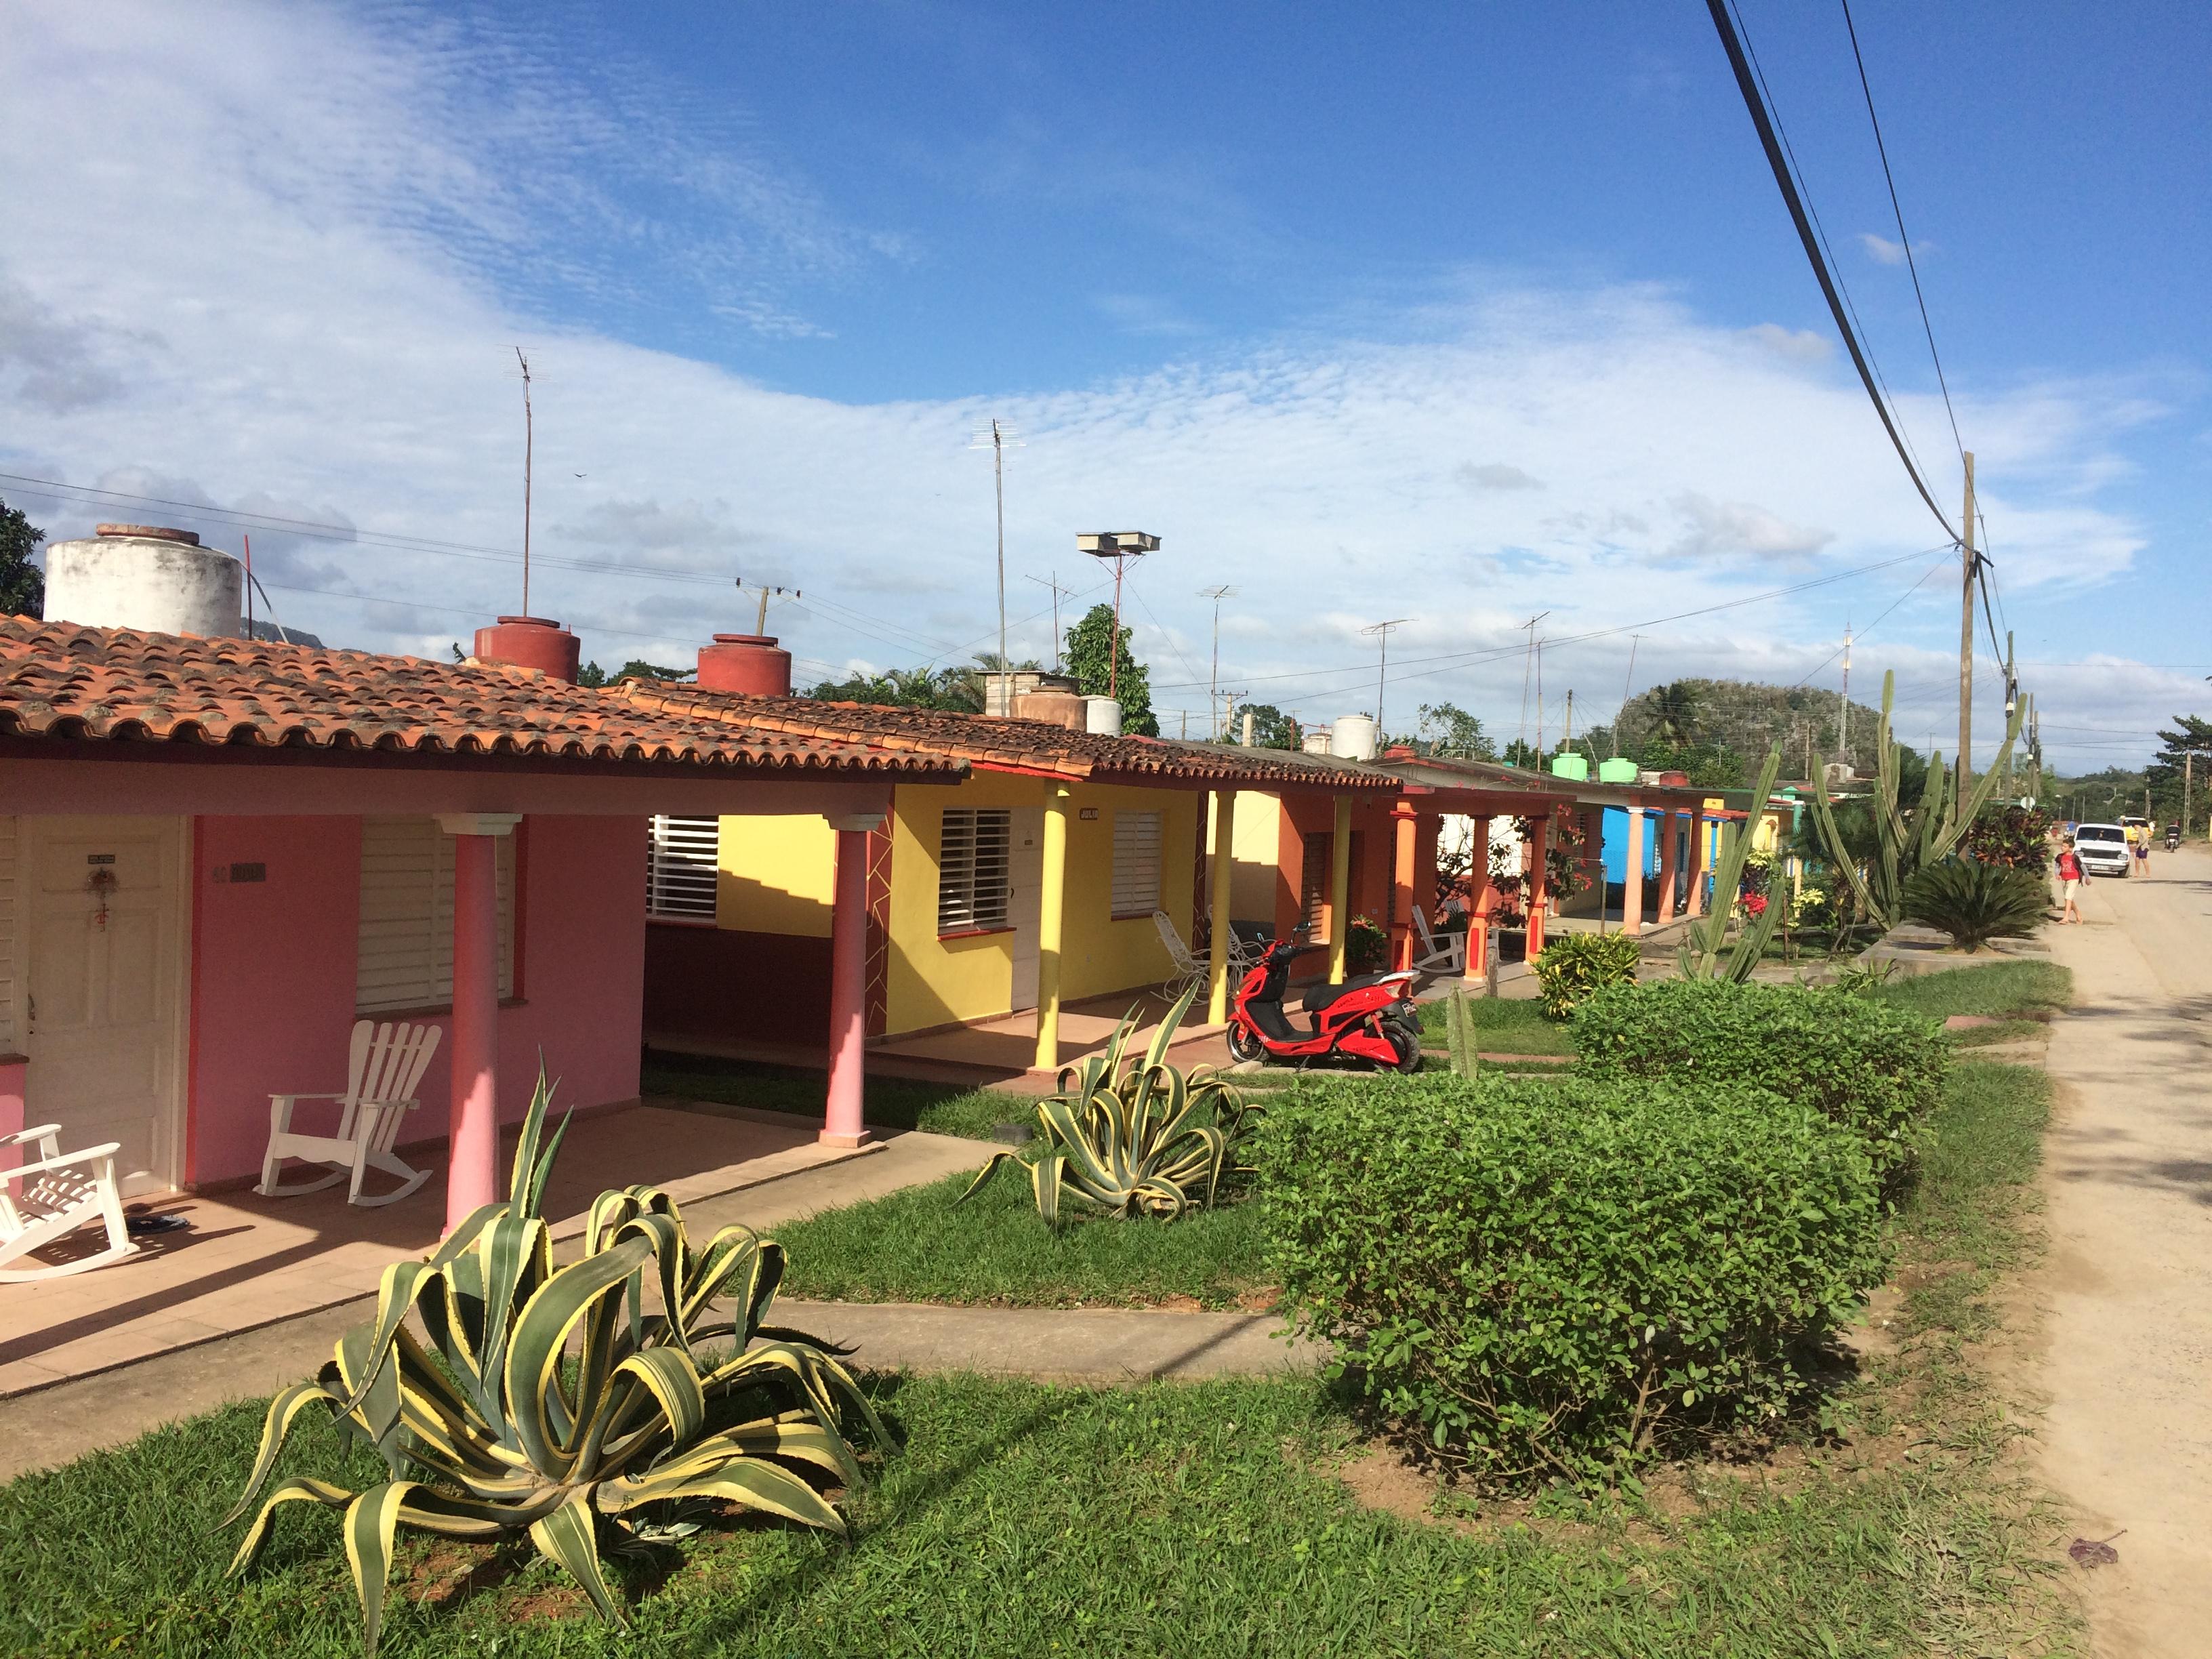 Casa Row in Vinales